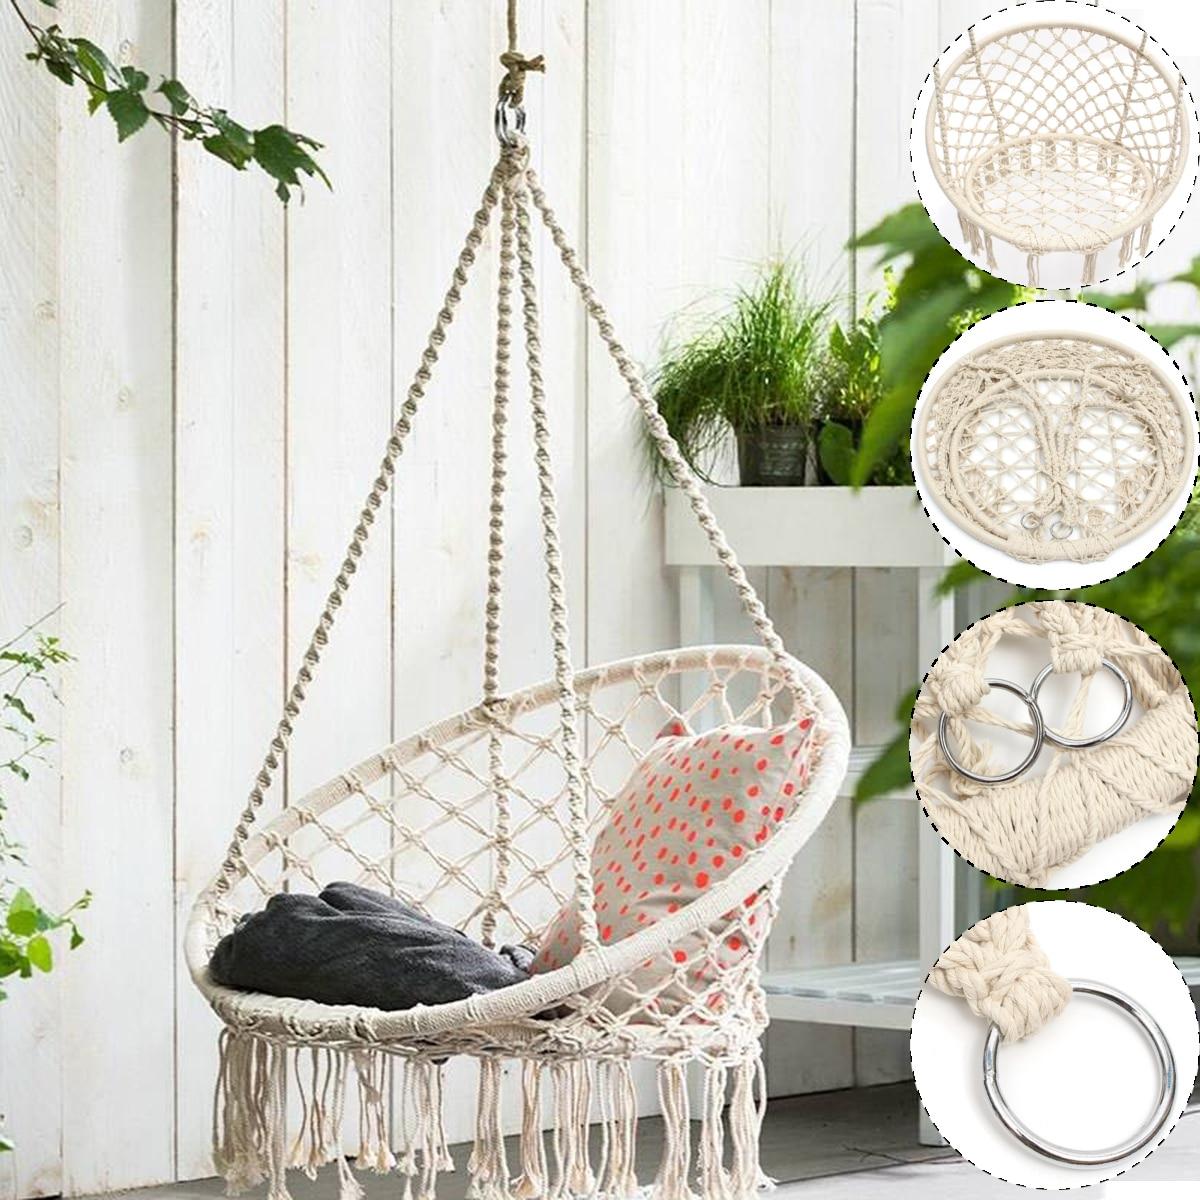 북유럽 코튼 로프 해먹 의자 수제 니트 실내 야외 키즈 스윙 침대 성인 스윙 교수형 의자 해먹